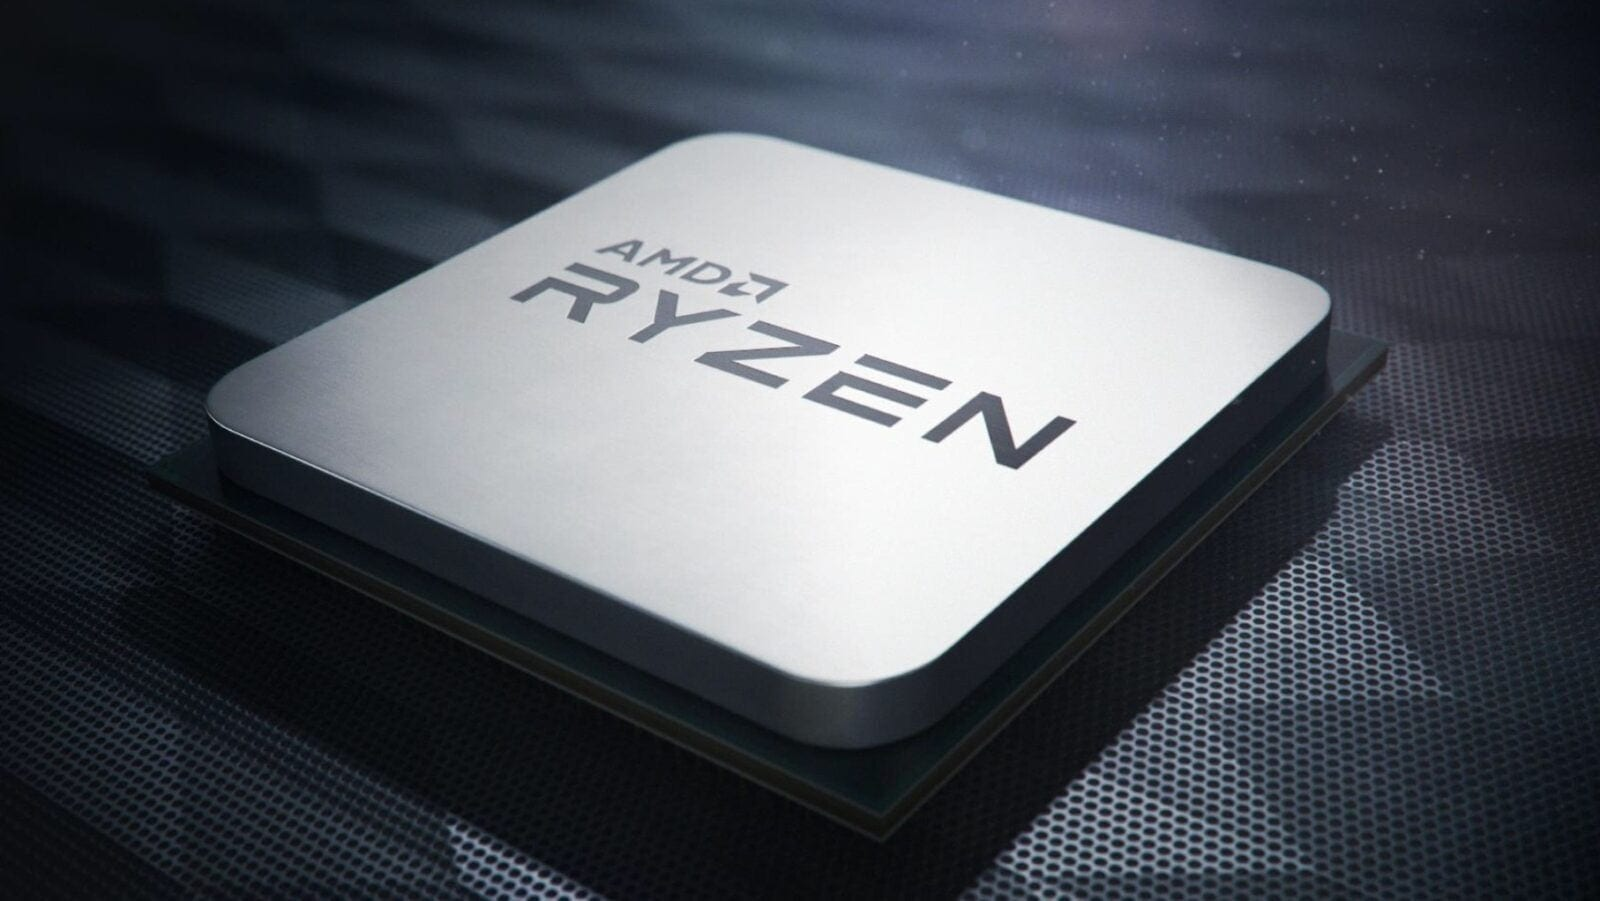 Рик Бергман: Как и планировалось, процессоры Ryzen 4000 (Zen 3, Vermeer) увидят свет до конца 2020 года